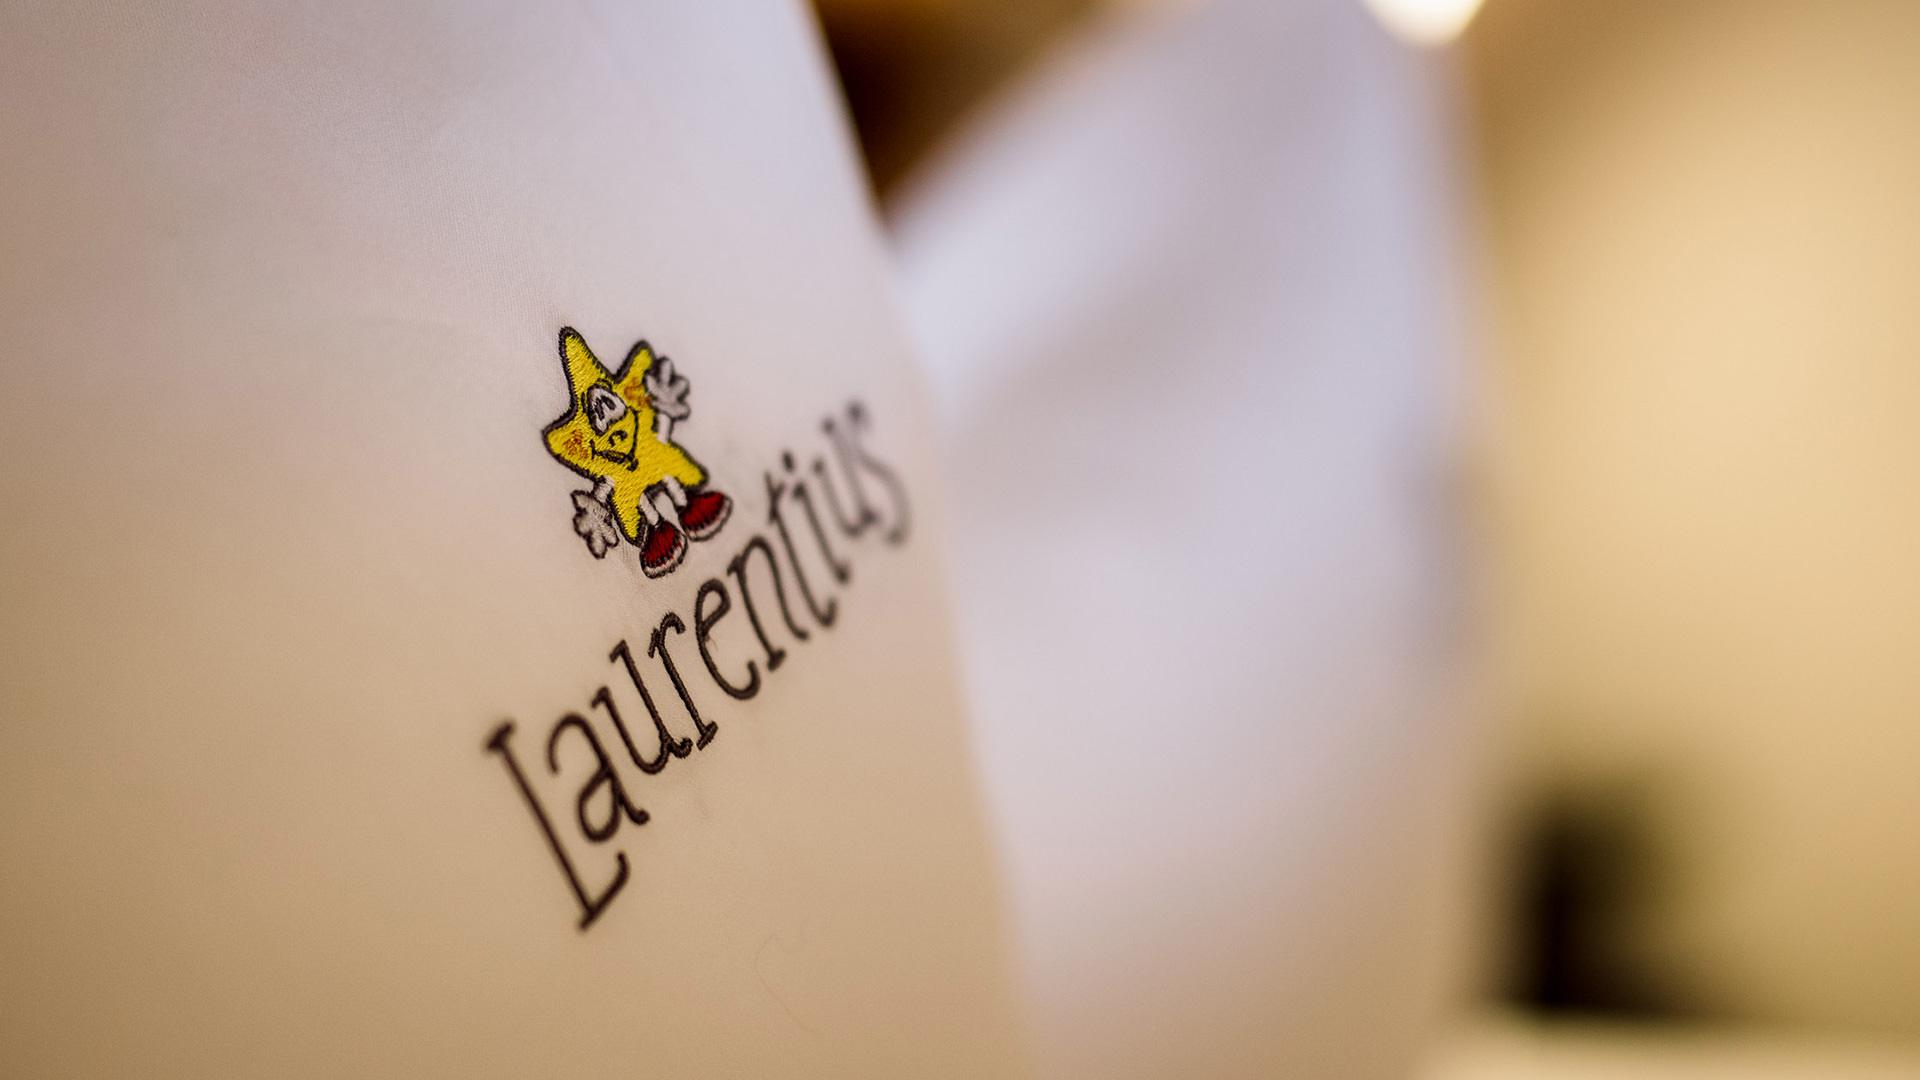 Laurentius-STAR-(1).jpg